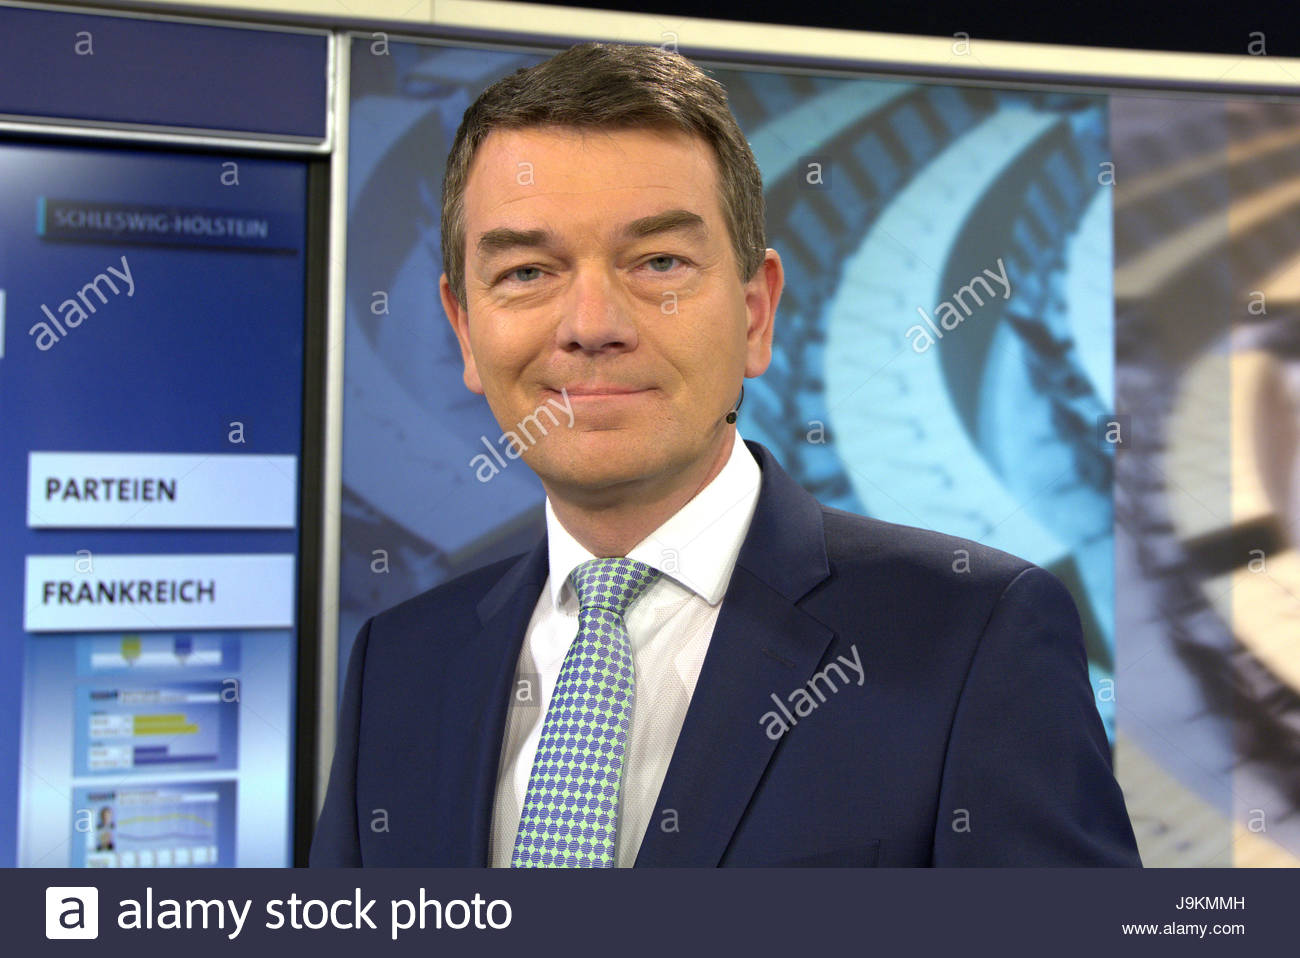 Jörg Schönenborn - Portrait vom Moderator im Fernsehstudio am Wahlabend der Landtagswahl in Schleswig - Stock Image